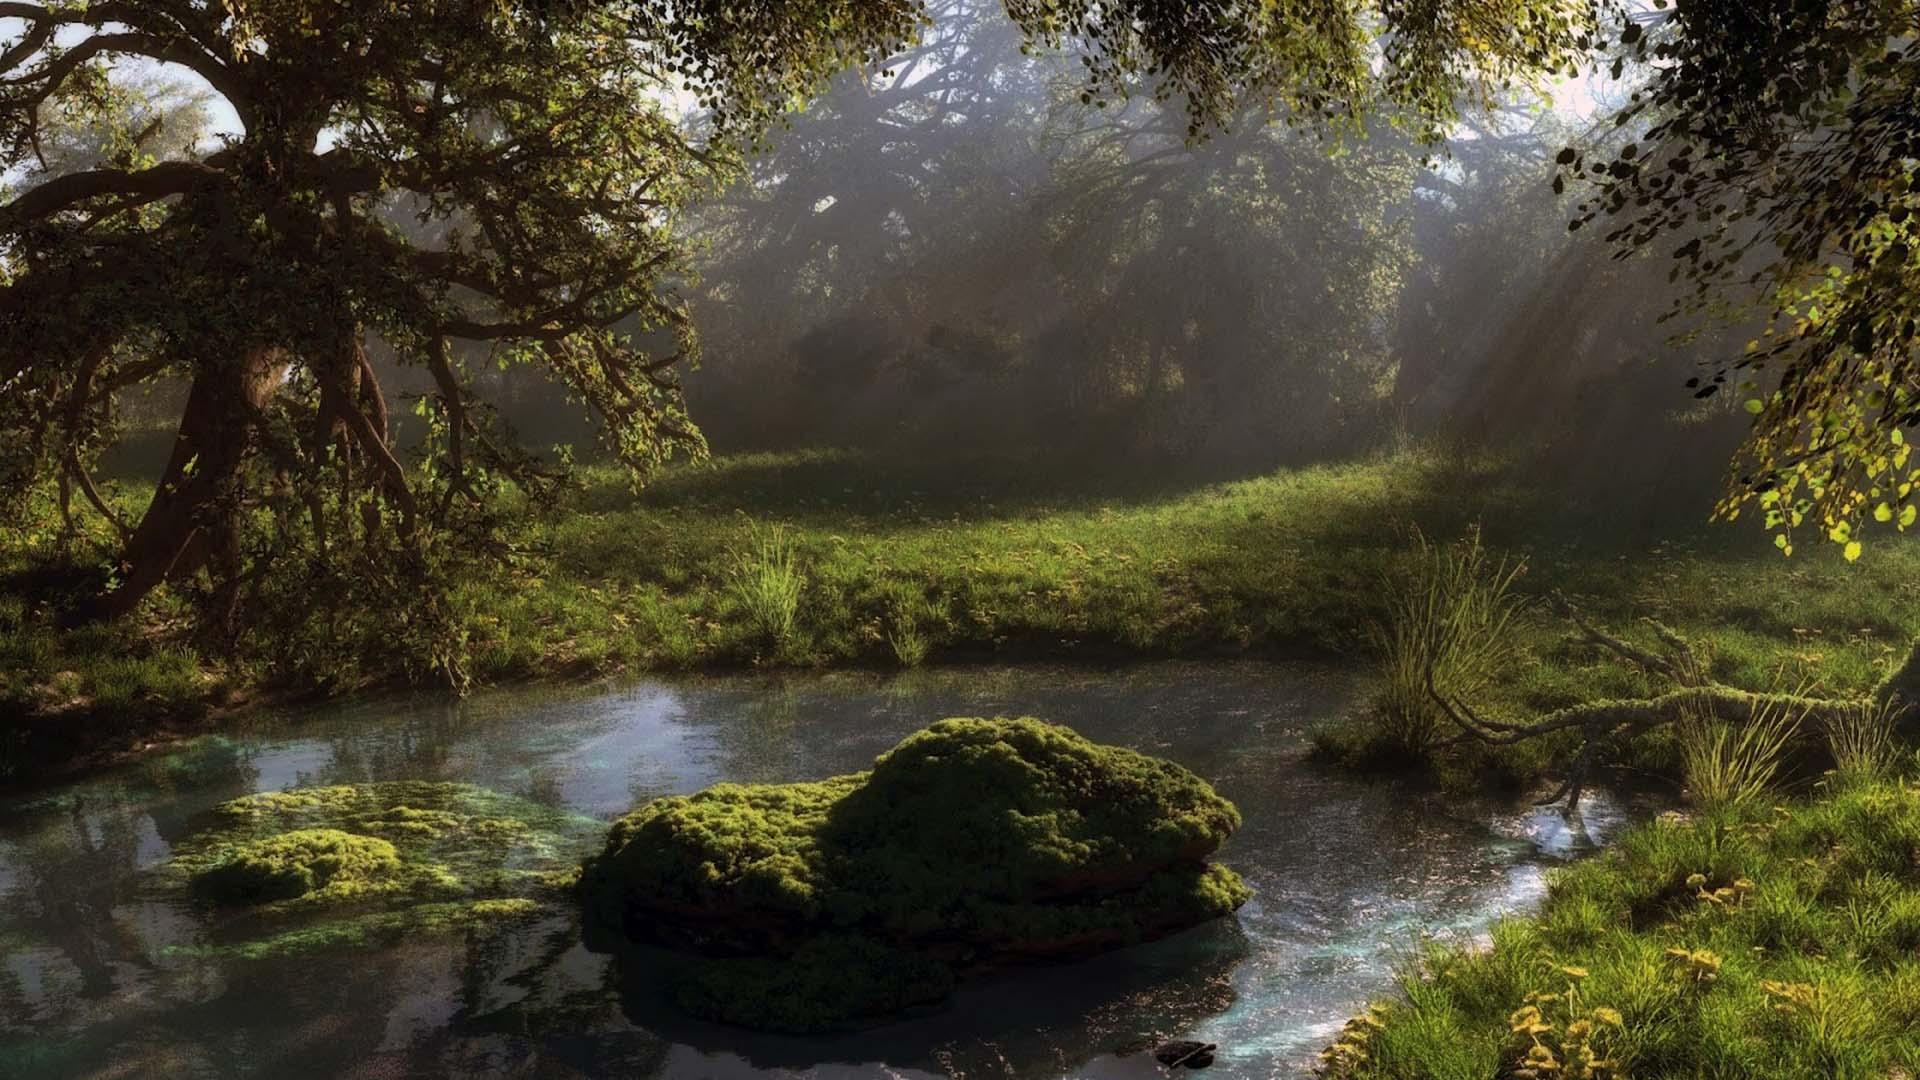 водоем в лесу фото